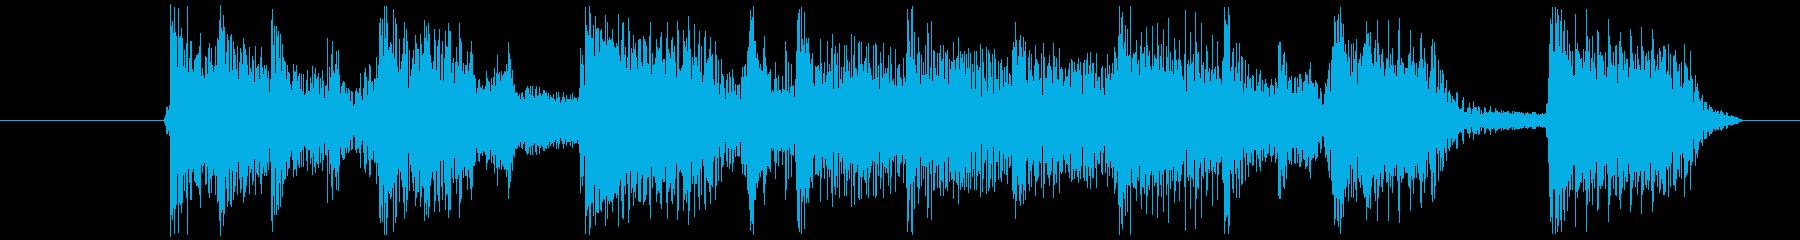 ワイルドなブルージーロックBGM 4秒の再生済みの波形